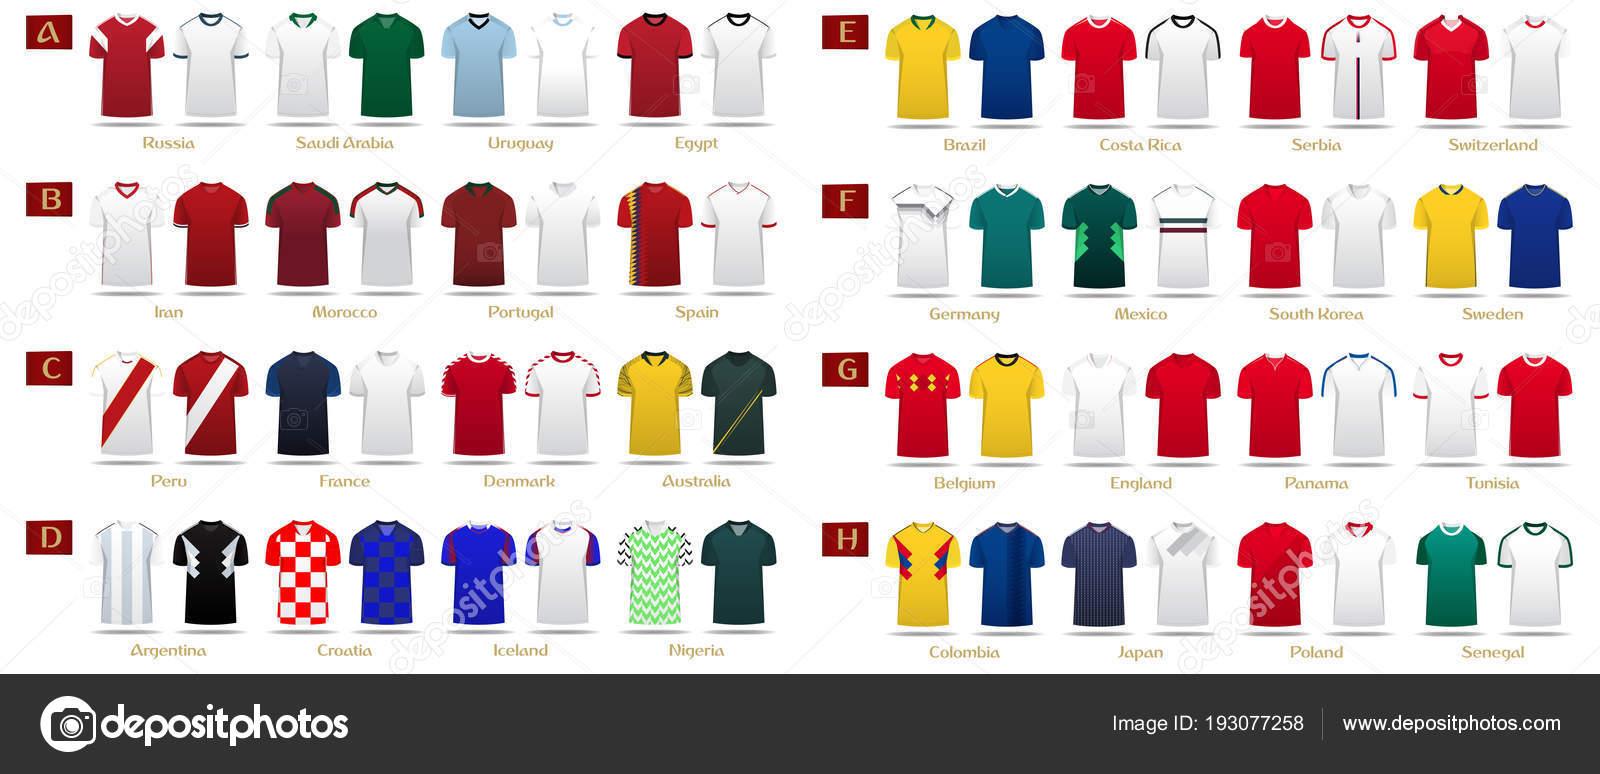 Fútbol kit o fútbol jersey diseño de plantillas para la selección de fútbol.  Hogar y lejos uniforme del fútbol en frente ven simulado para arriba. e8a911e859d71